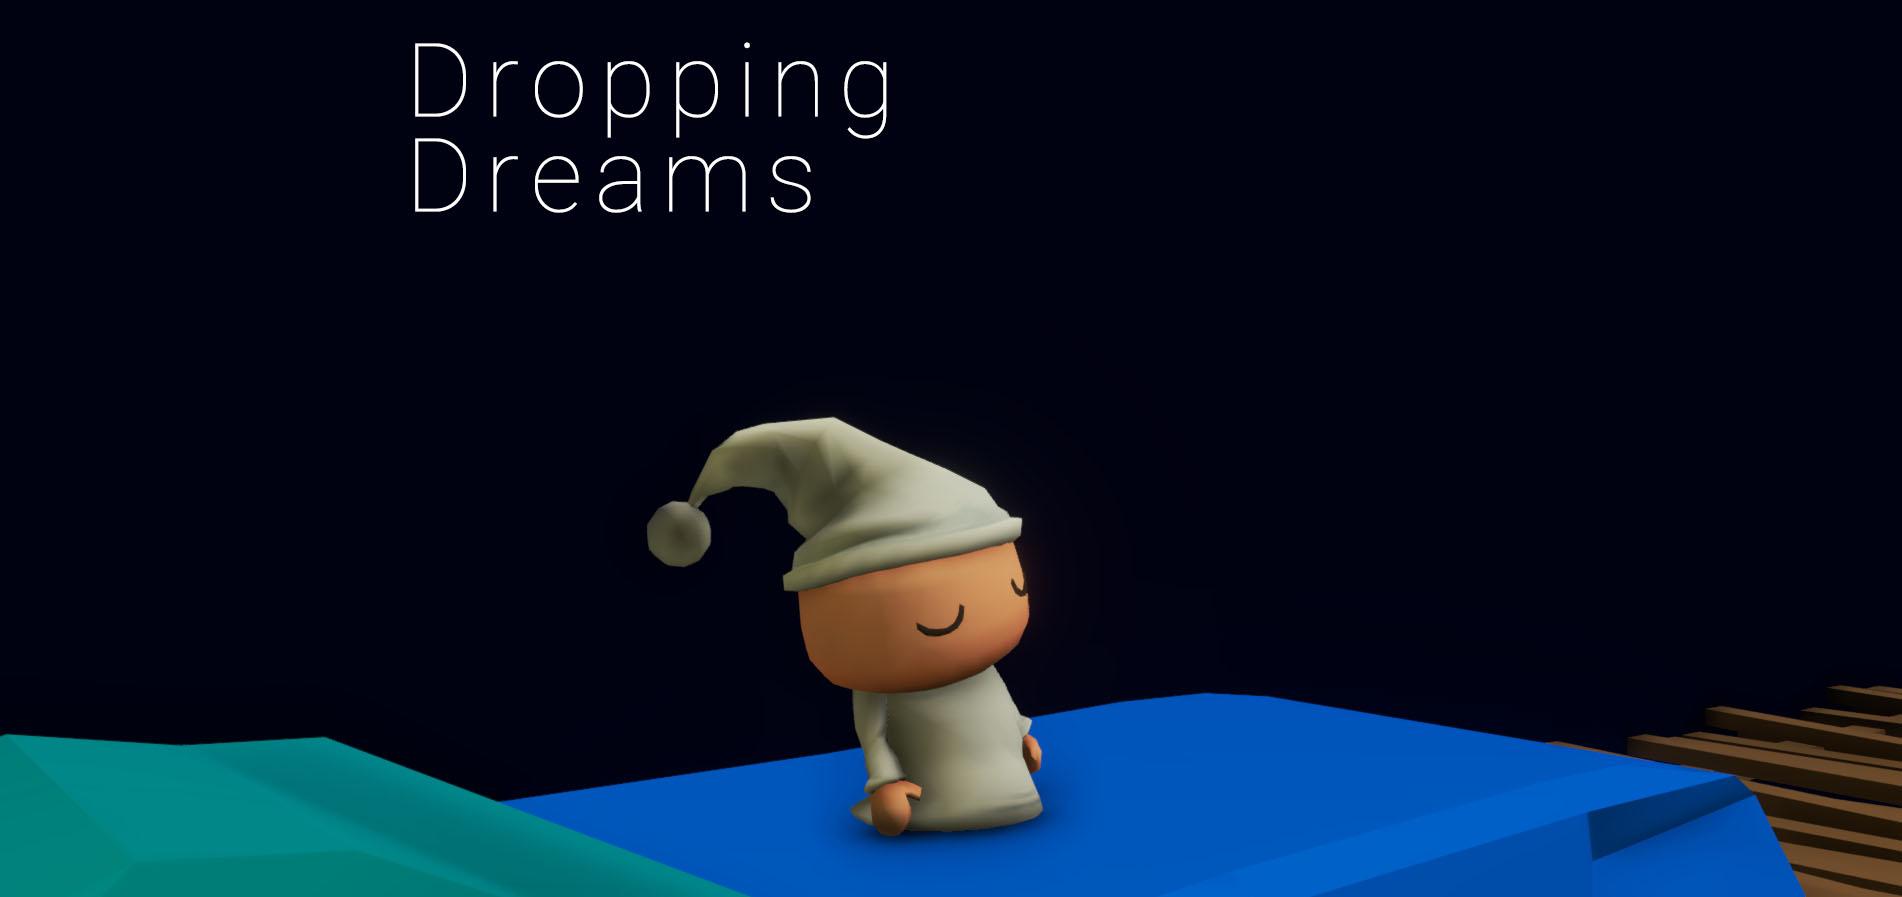 Dropping Dreams